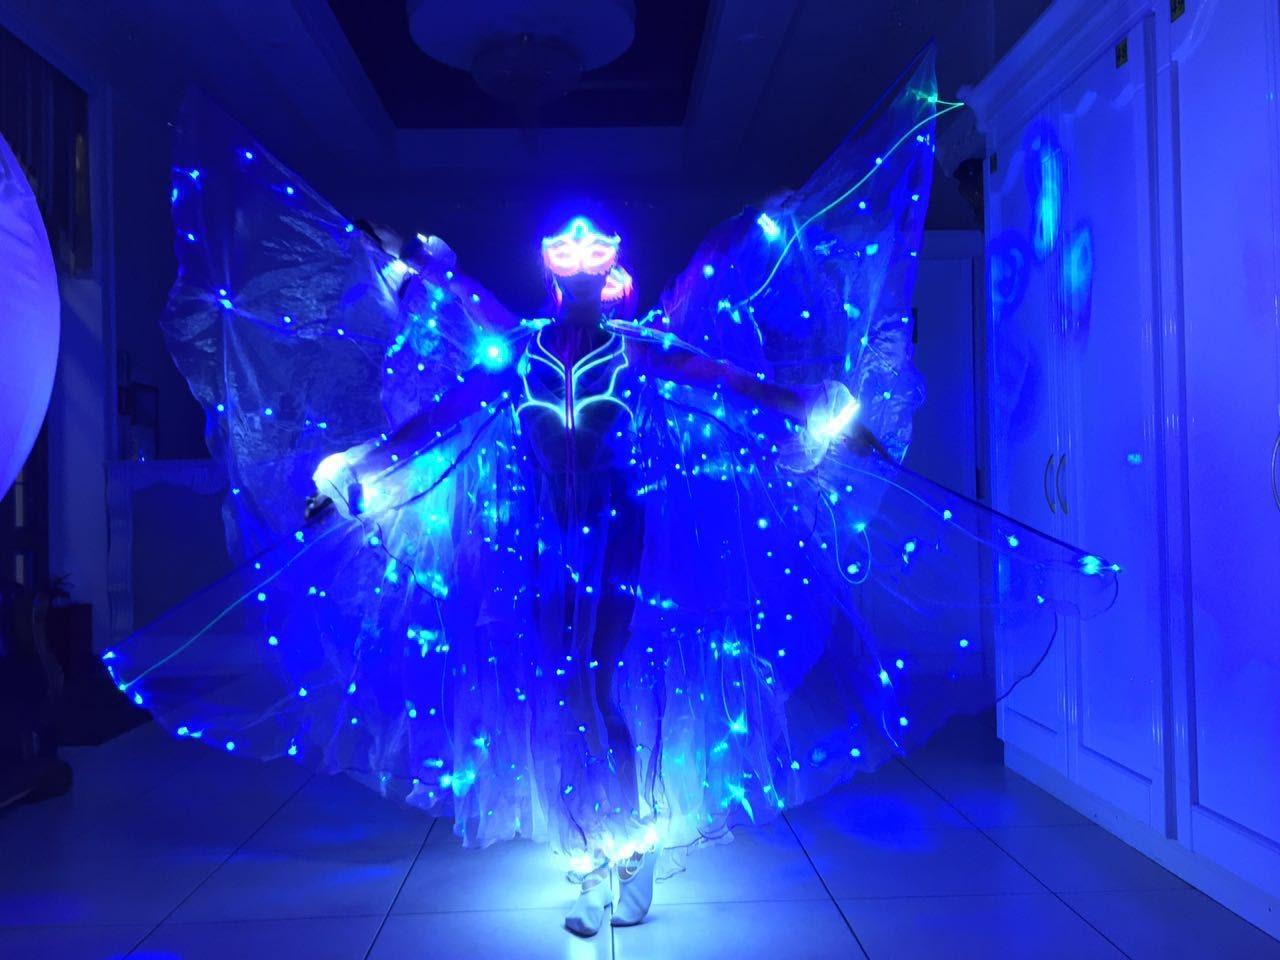 светодиодное шоу картинка для ванны гидромассажем